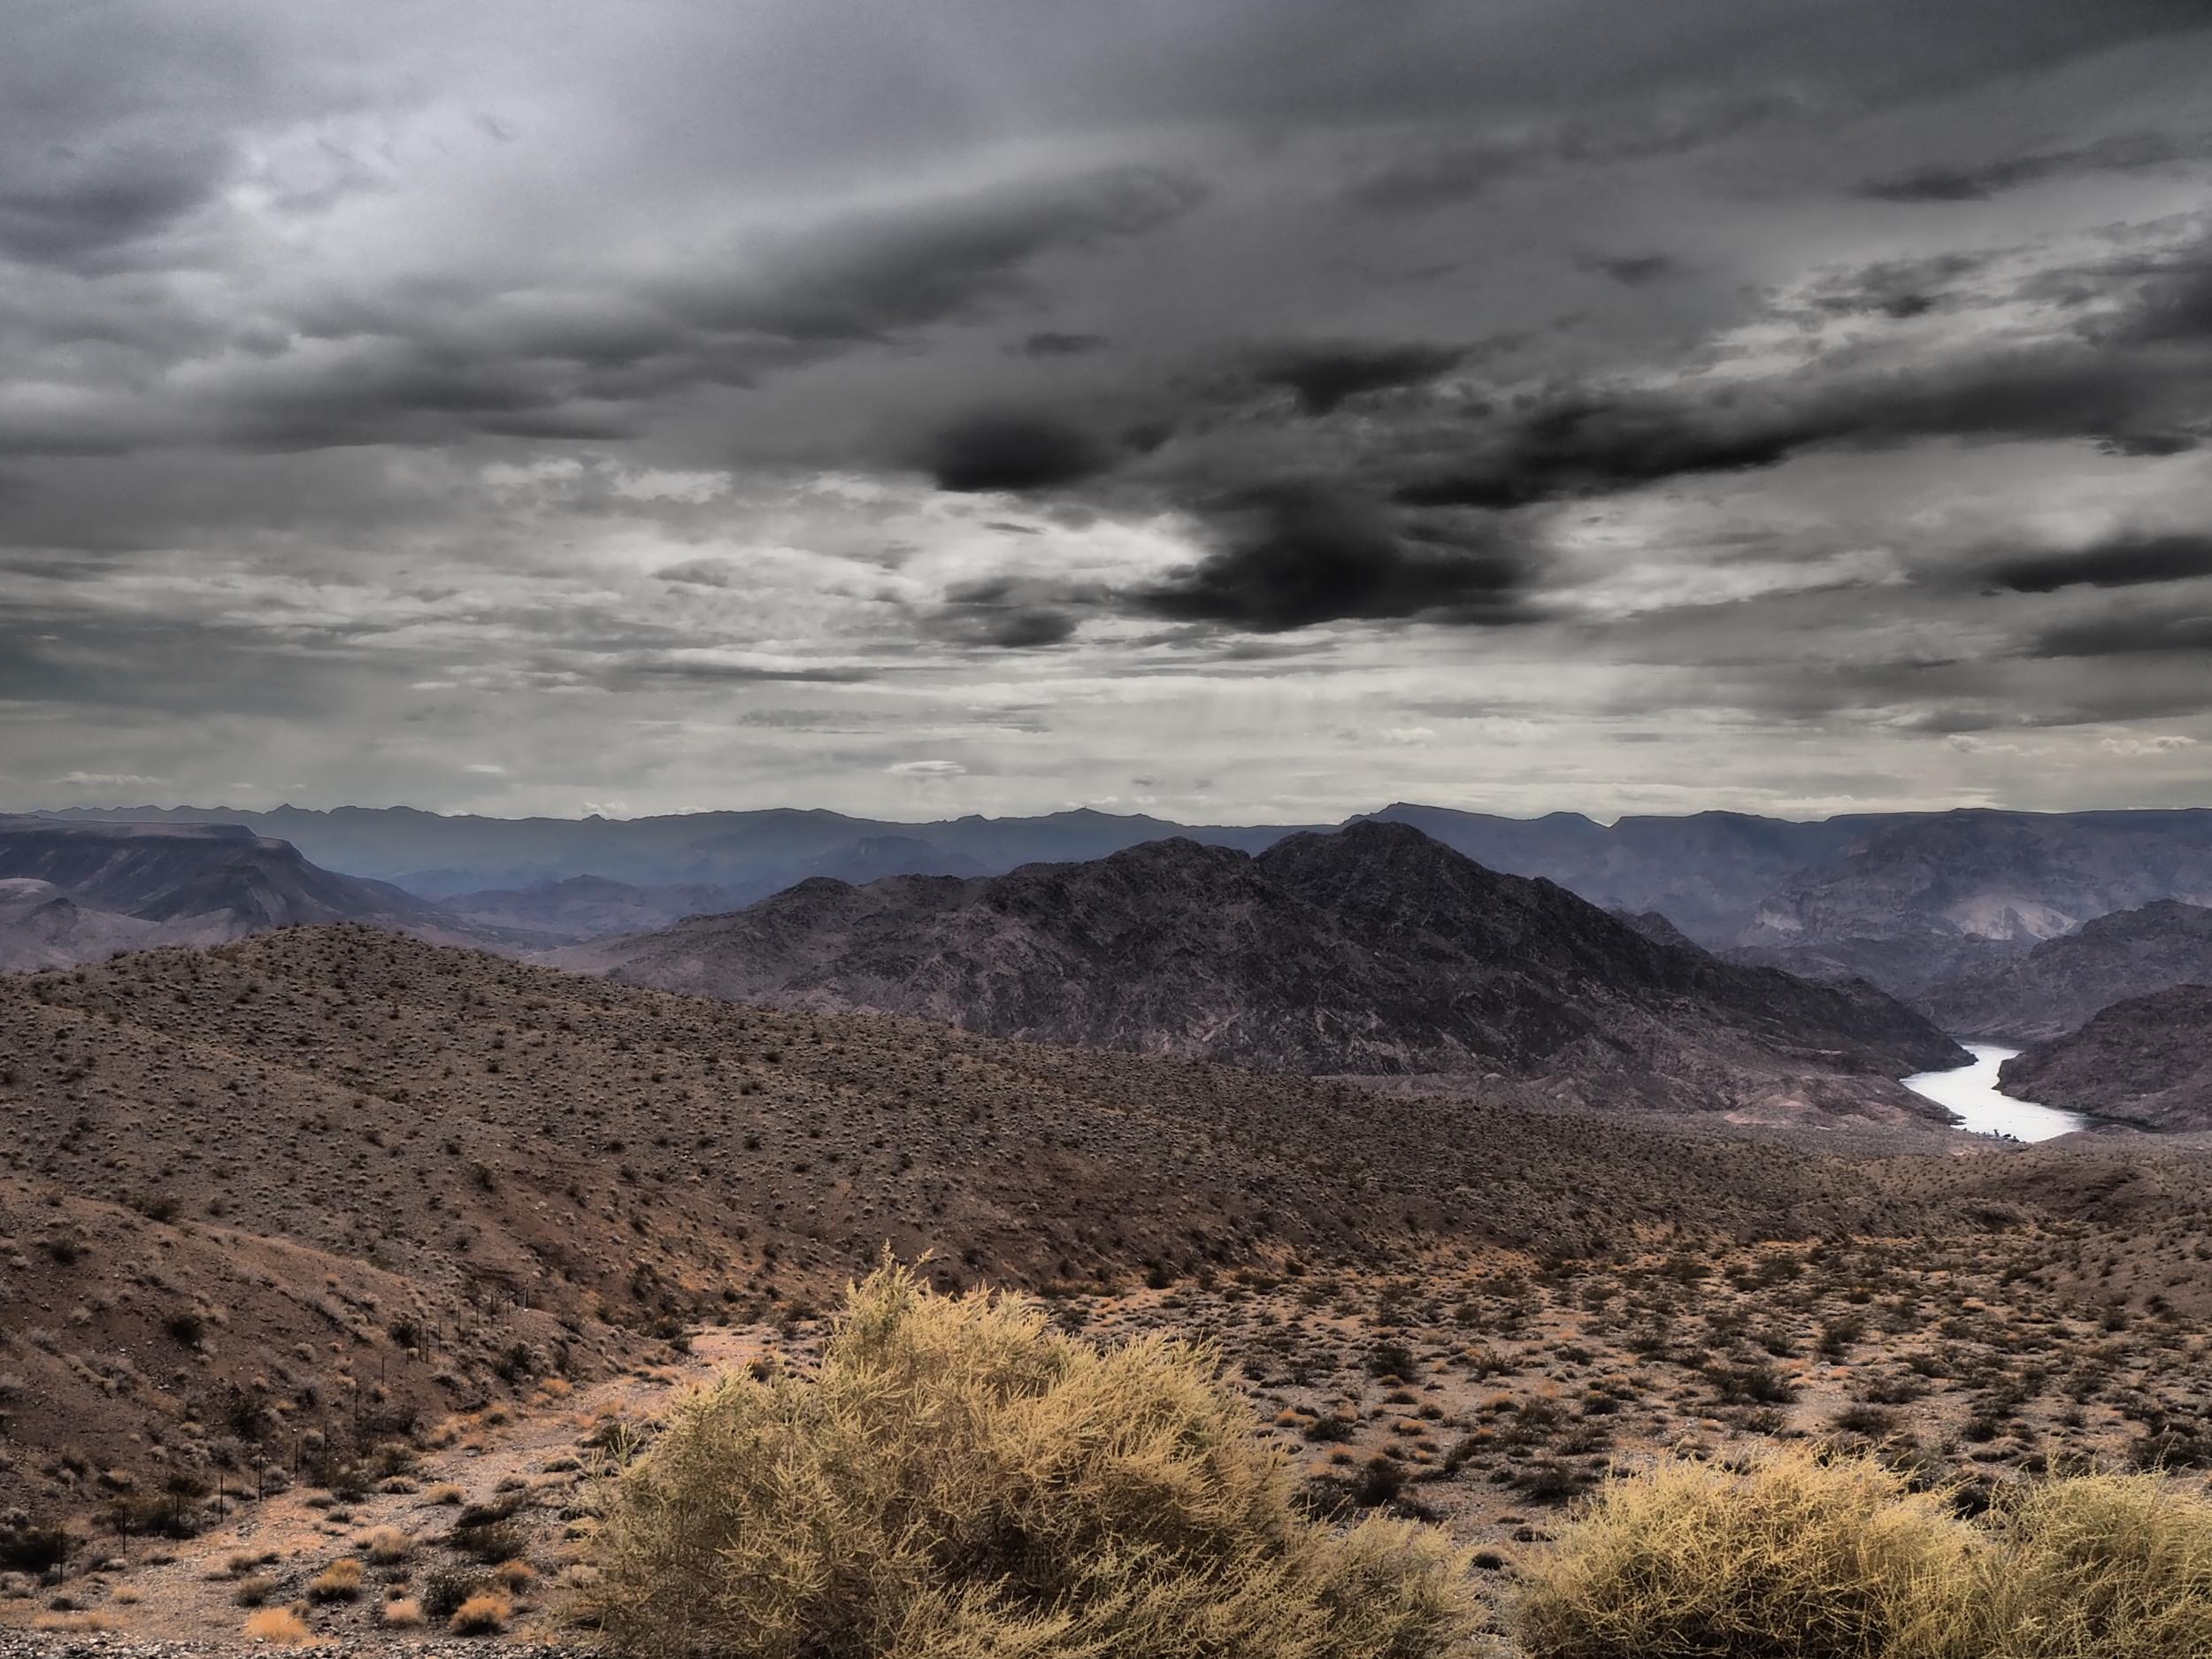 The mighty Colorado River -